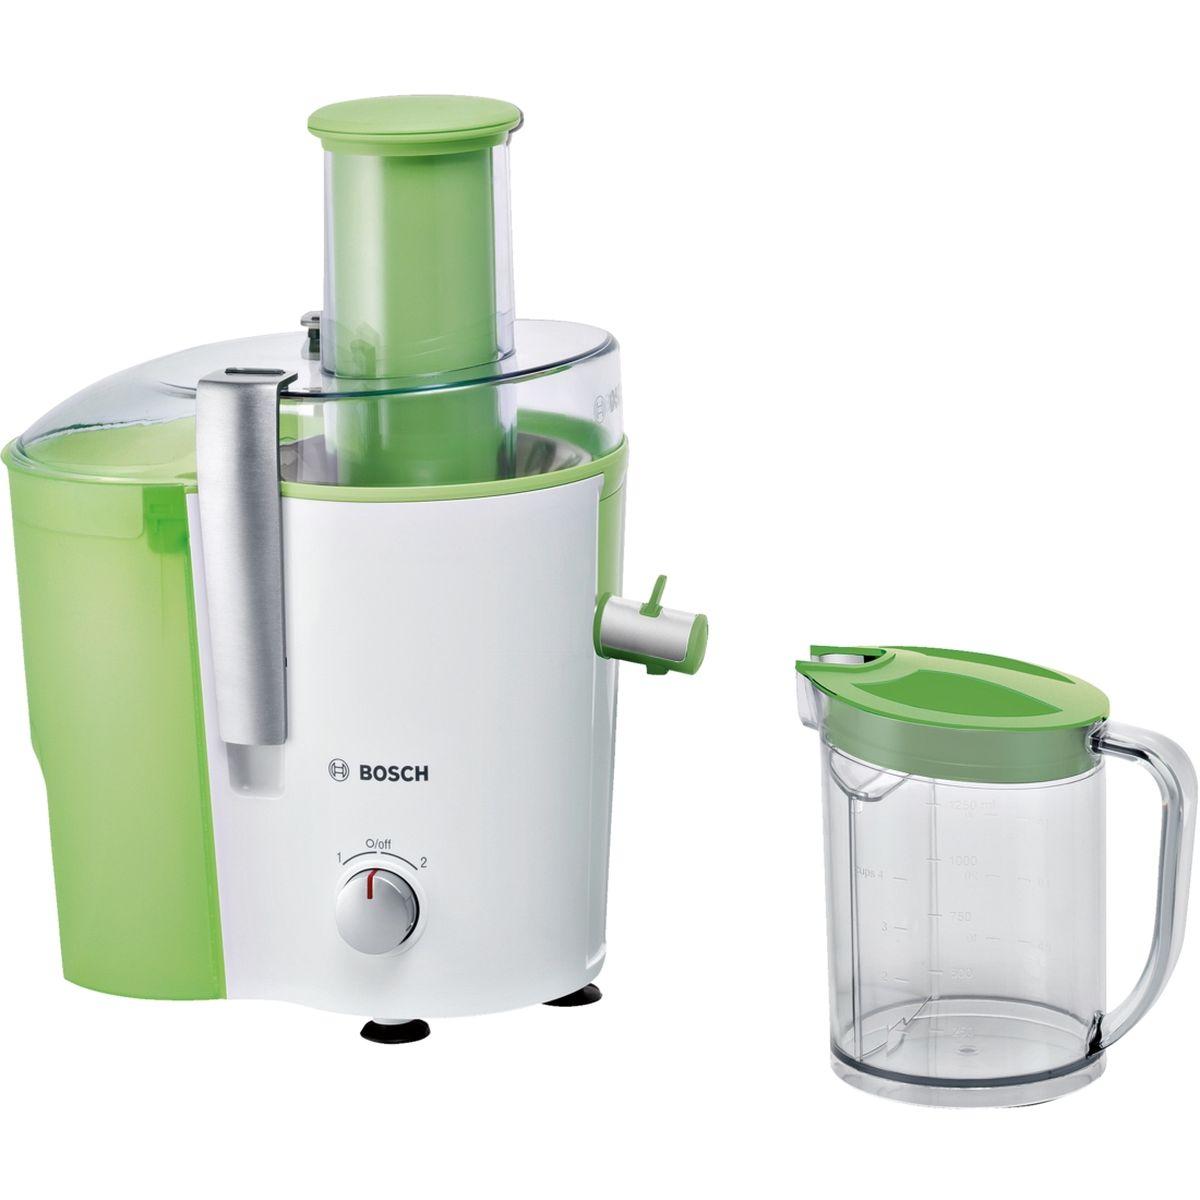 Bosch MES25G0, White Green соковыжималкаMES25G0Cоковыжималка Bosch MES25G0/- Очень большое отверстие для подачи фруктов (целое яблоко) и овощей - без предварительного нарезания на части- Носик для слива сока, остащенной системой DripStop, предотвращает вытекание сока после отжима и поддерживает рабочую поверхностьв идеальной чистоте- Практичное использование благодаря двум режимам скорости для твердых и мягких фруктов- Микроситечко из нержавеющей стали для оптимального отжима сока- Невероятно надежный: мотор начинает функционировать только в том случае, если все детали прибора смонтированы правильно, акрышка прибора закрыта